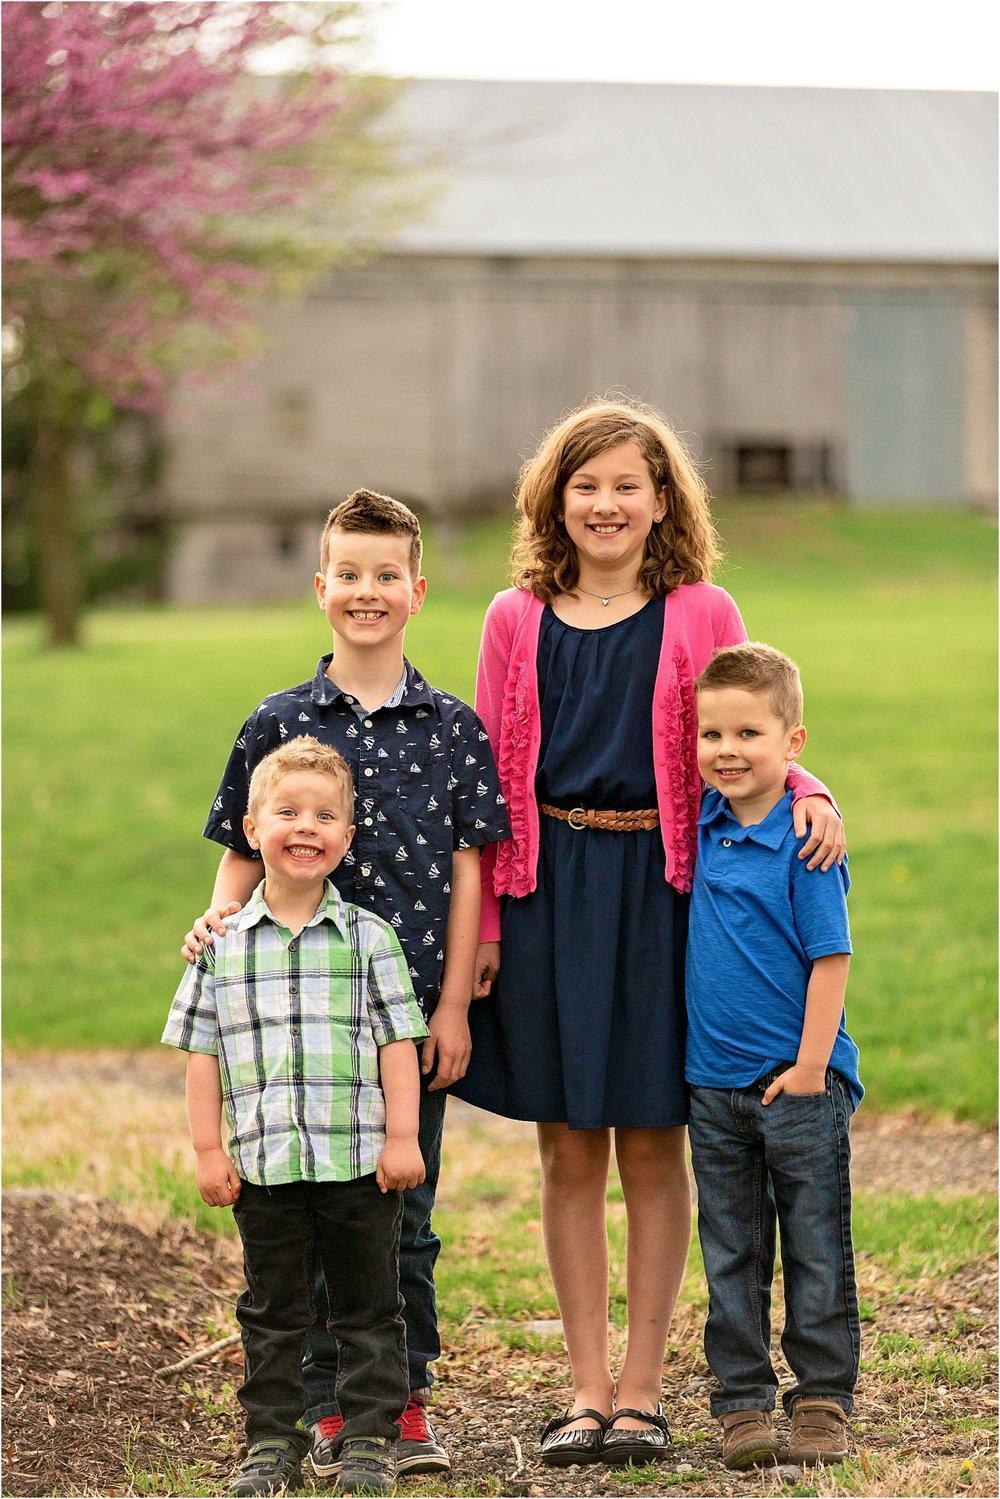 Hurst_Family_Photography_Harrisonburg_VA_0008.jpg